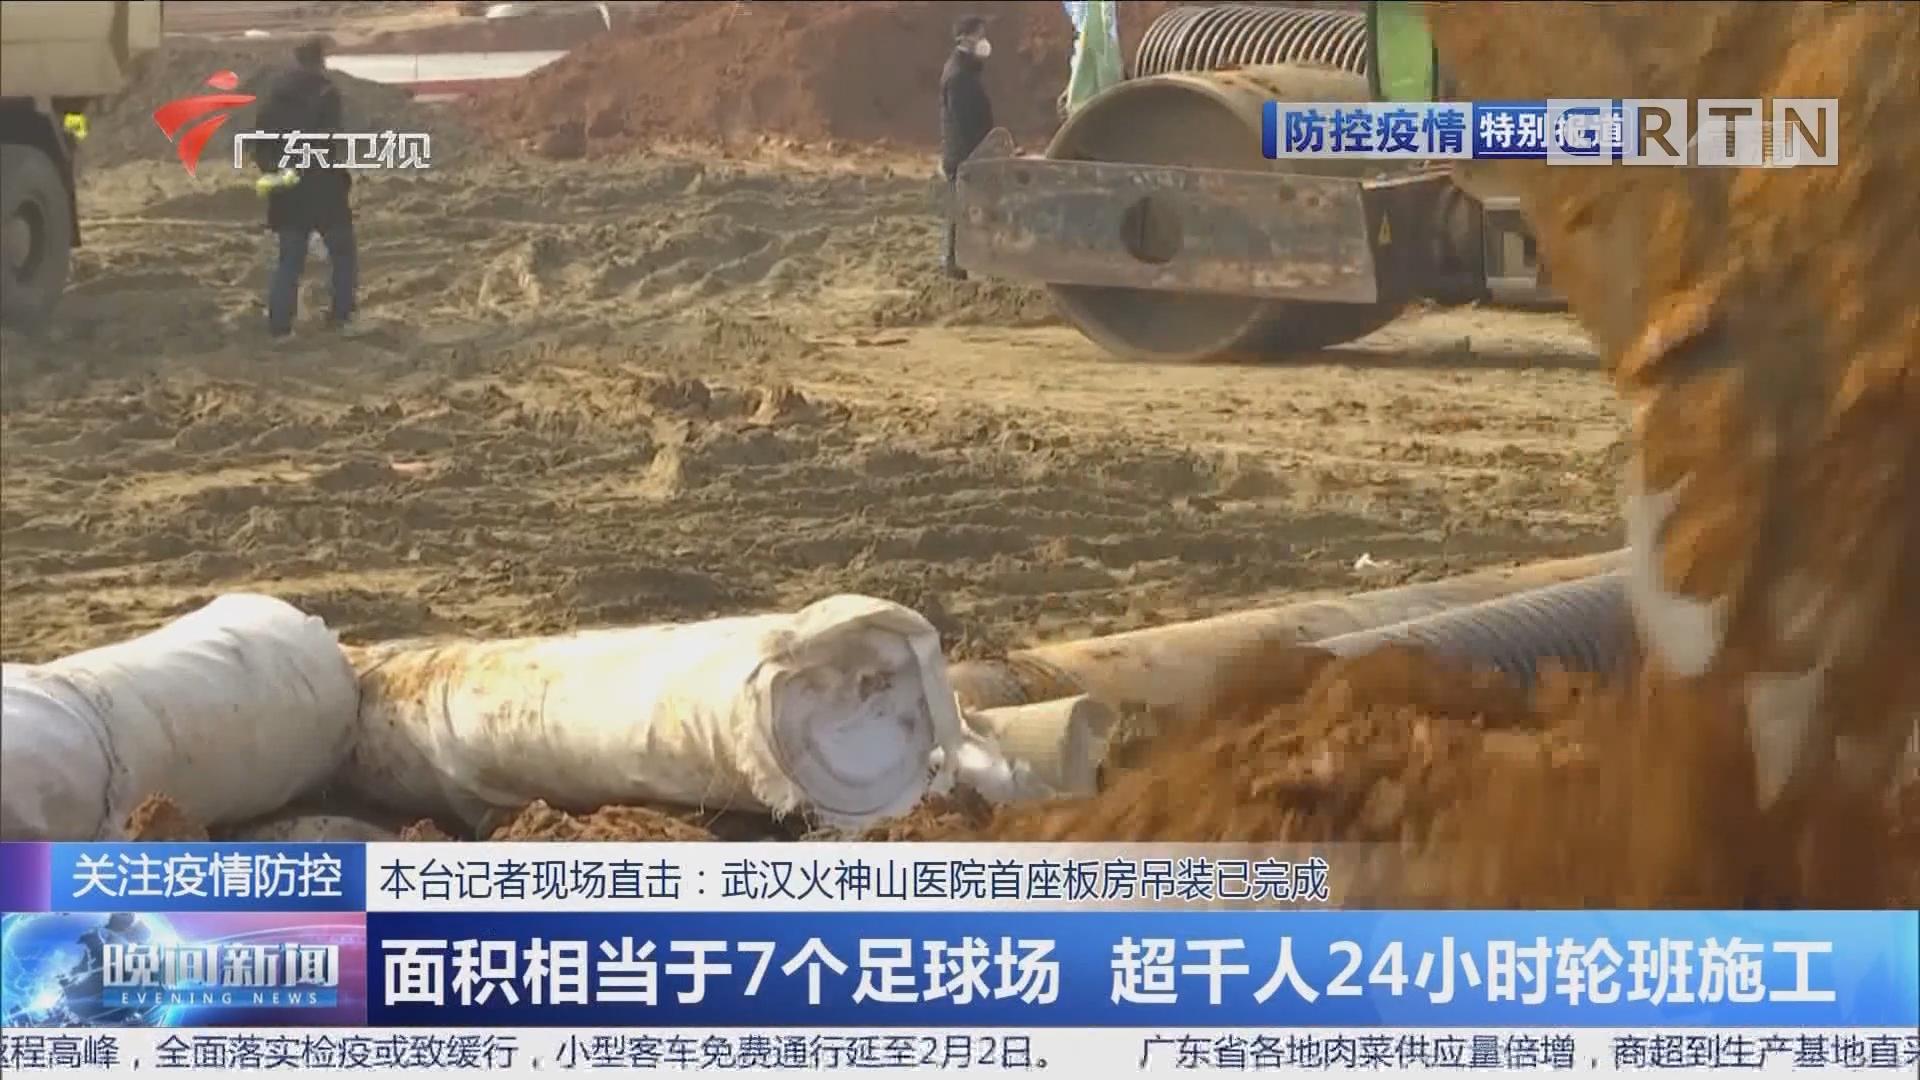 本台记者现场直击:武汉火神山医院首座板房吊装已完成 面积相当于7个足球场 超千人24小时轮班施工